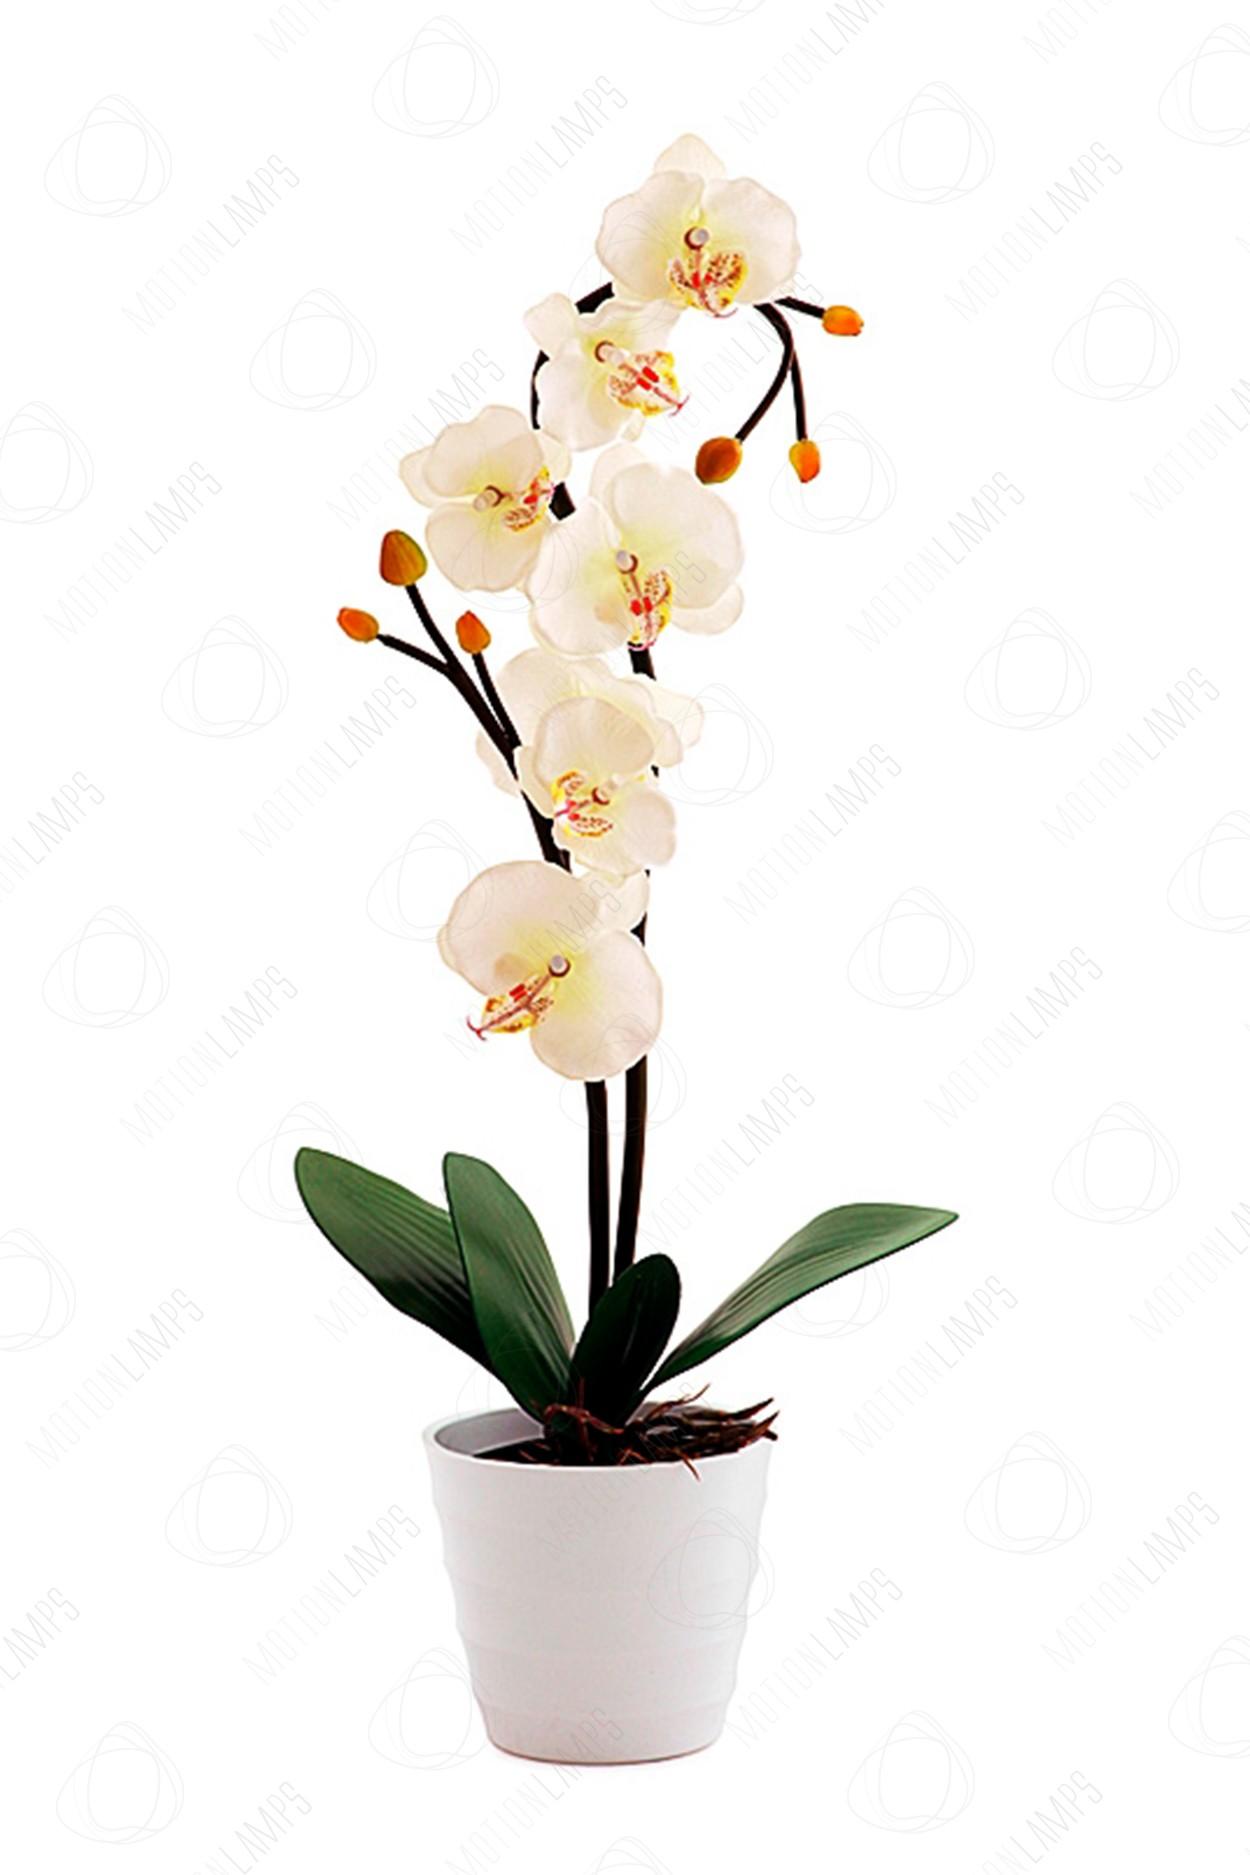 Светодиодный светильник Орхидея белая в Москве